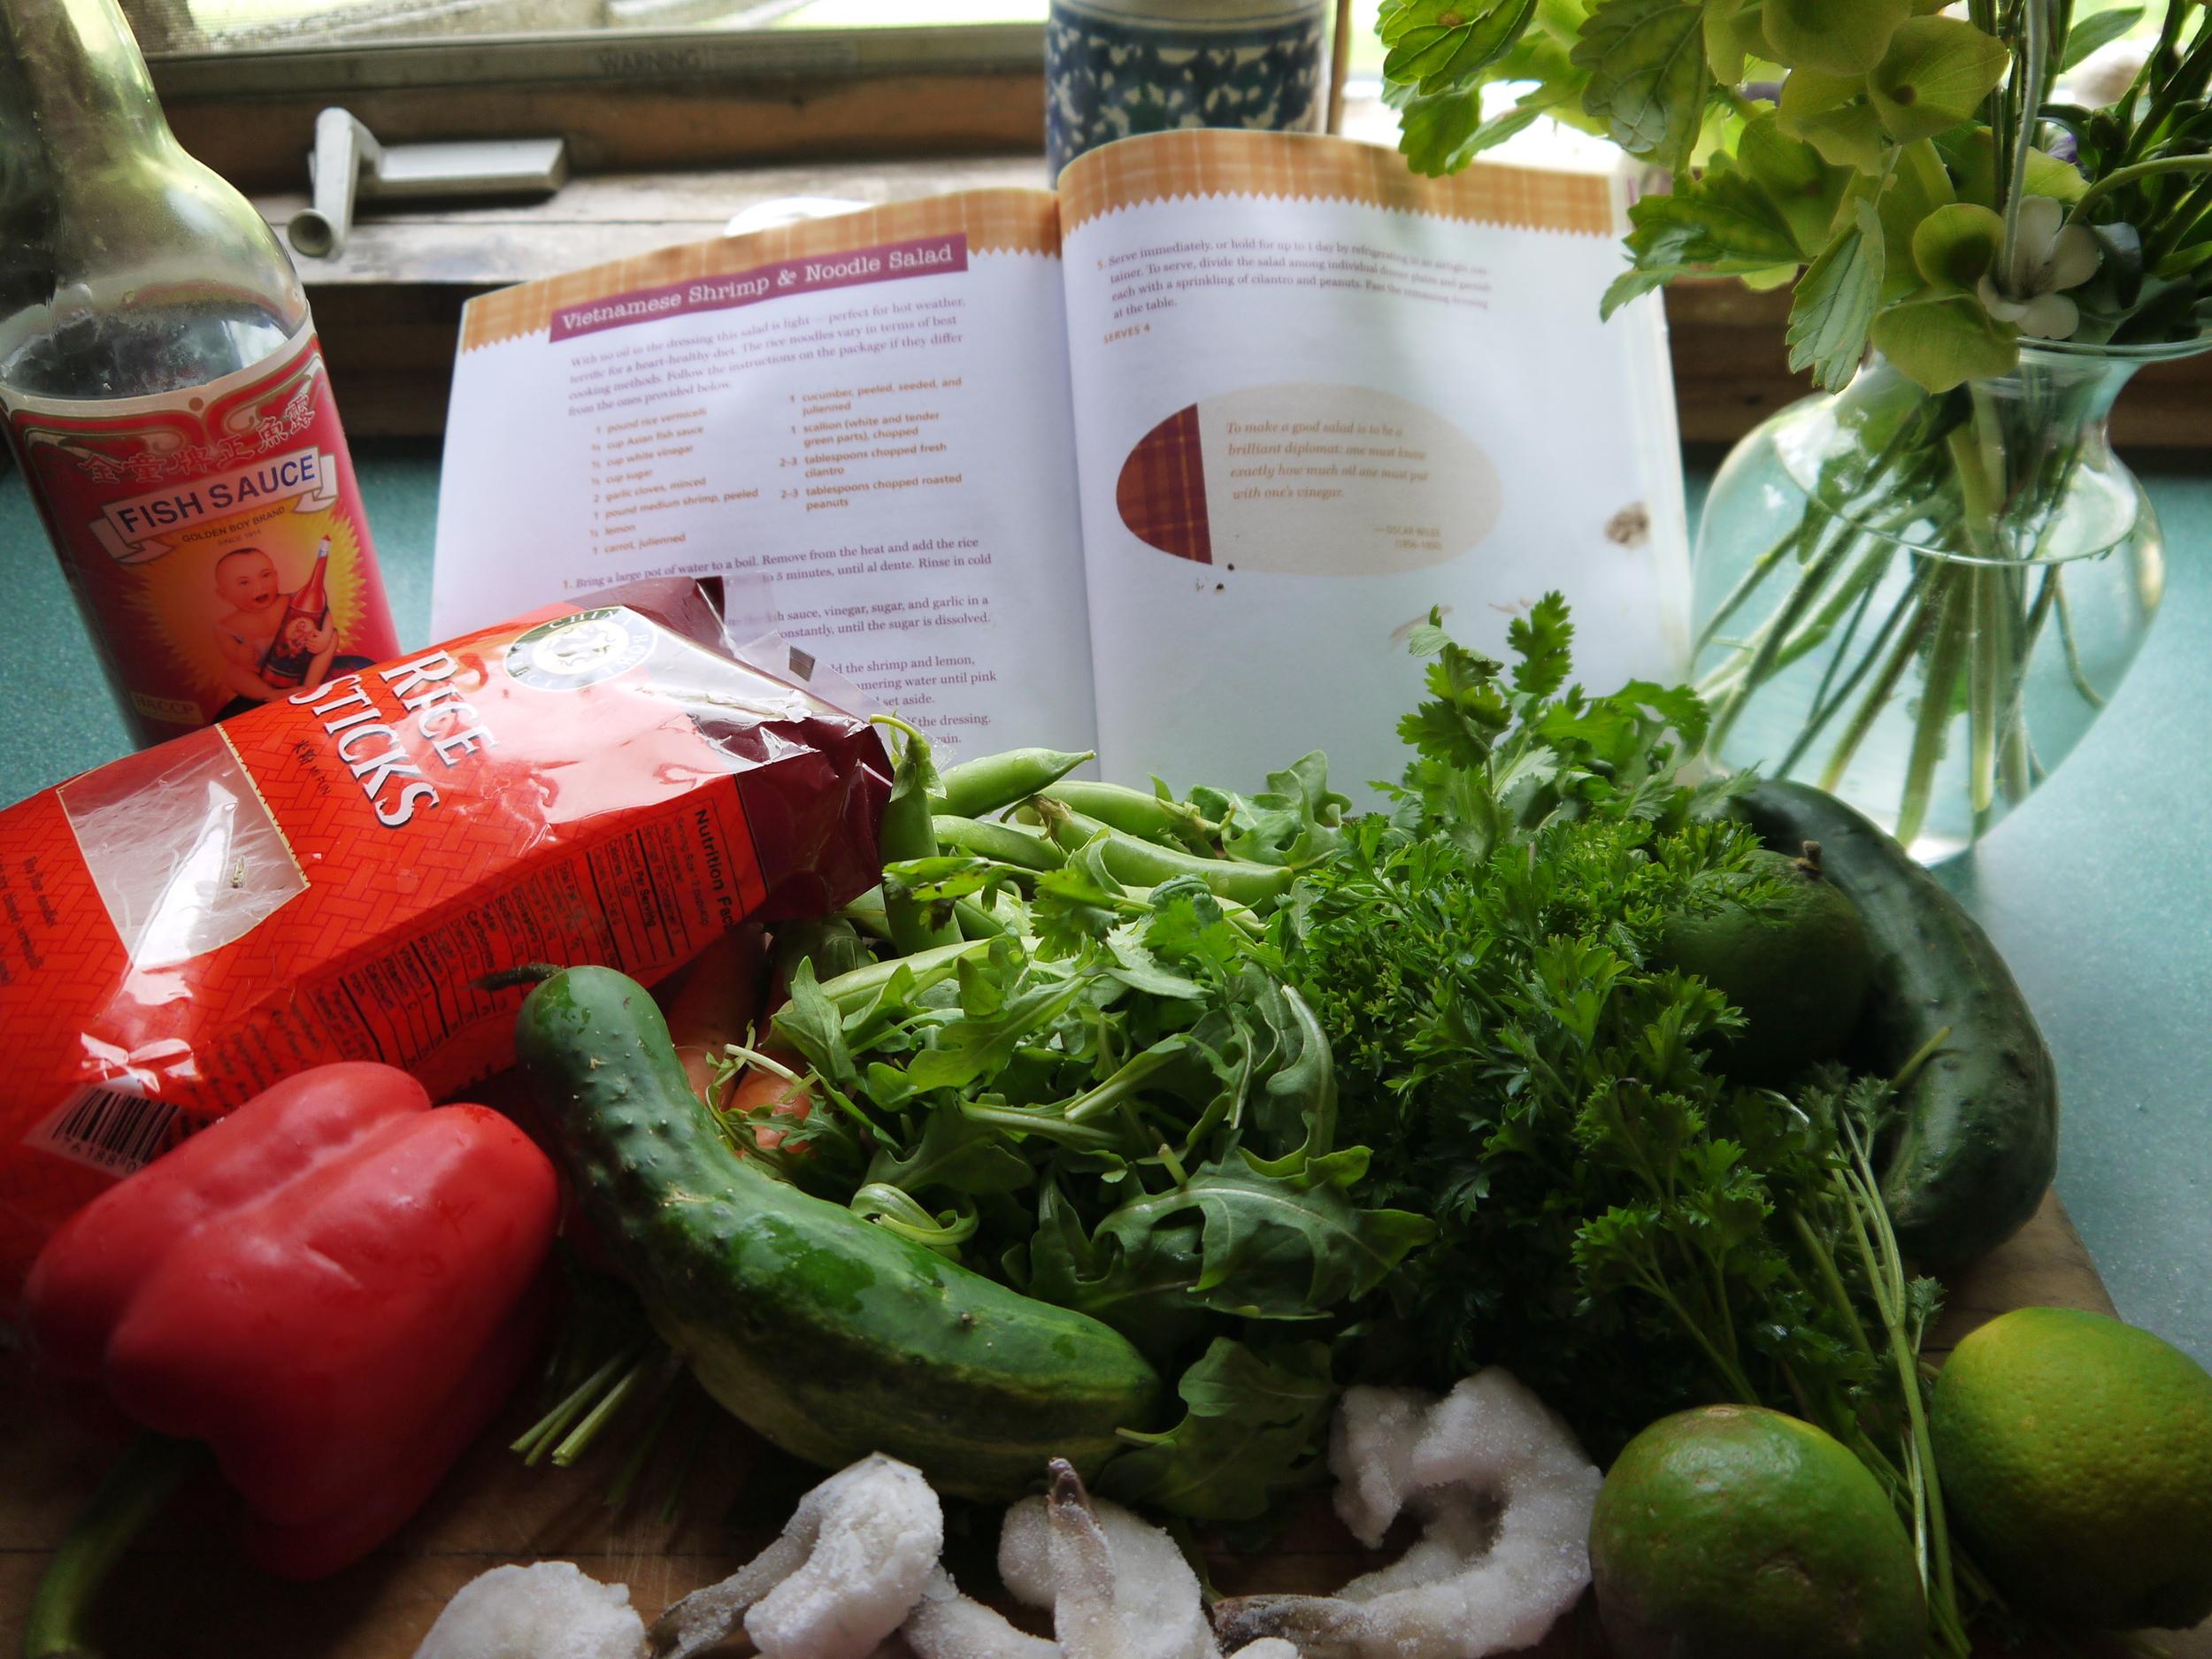 vietnamese shrimp and noodle salad 001.JPG